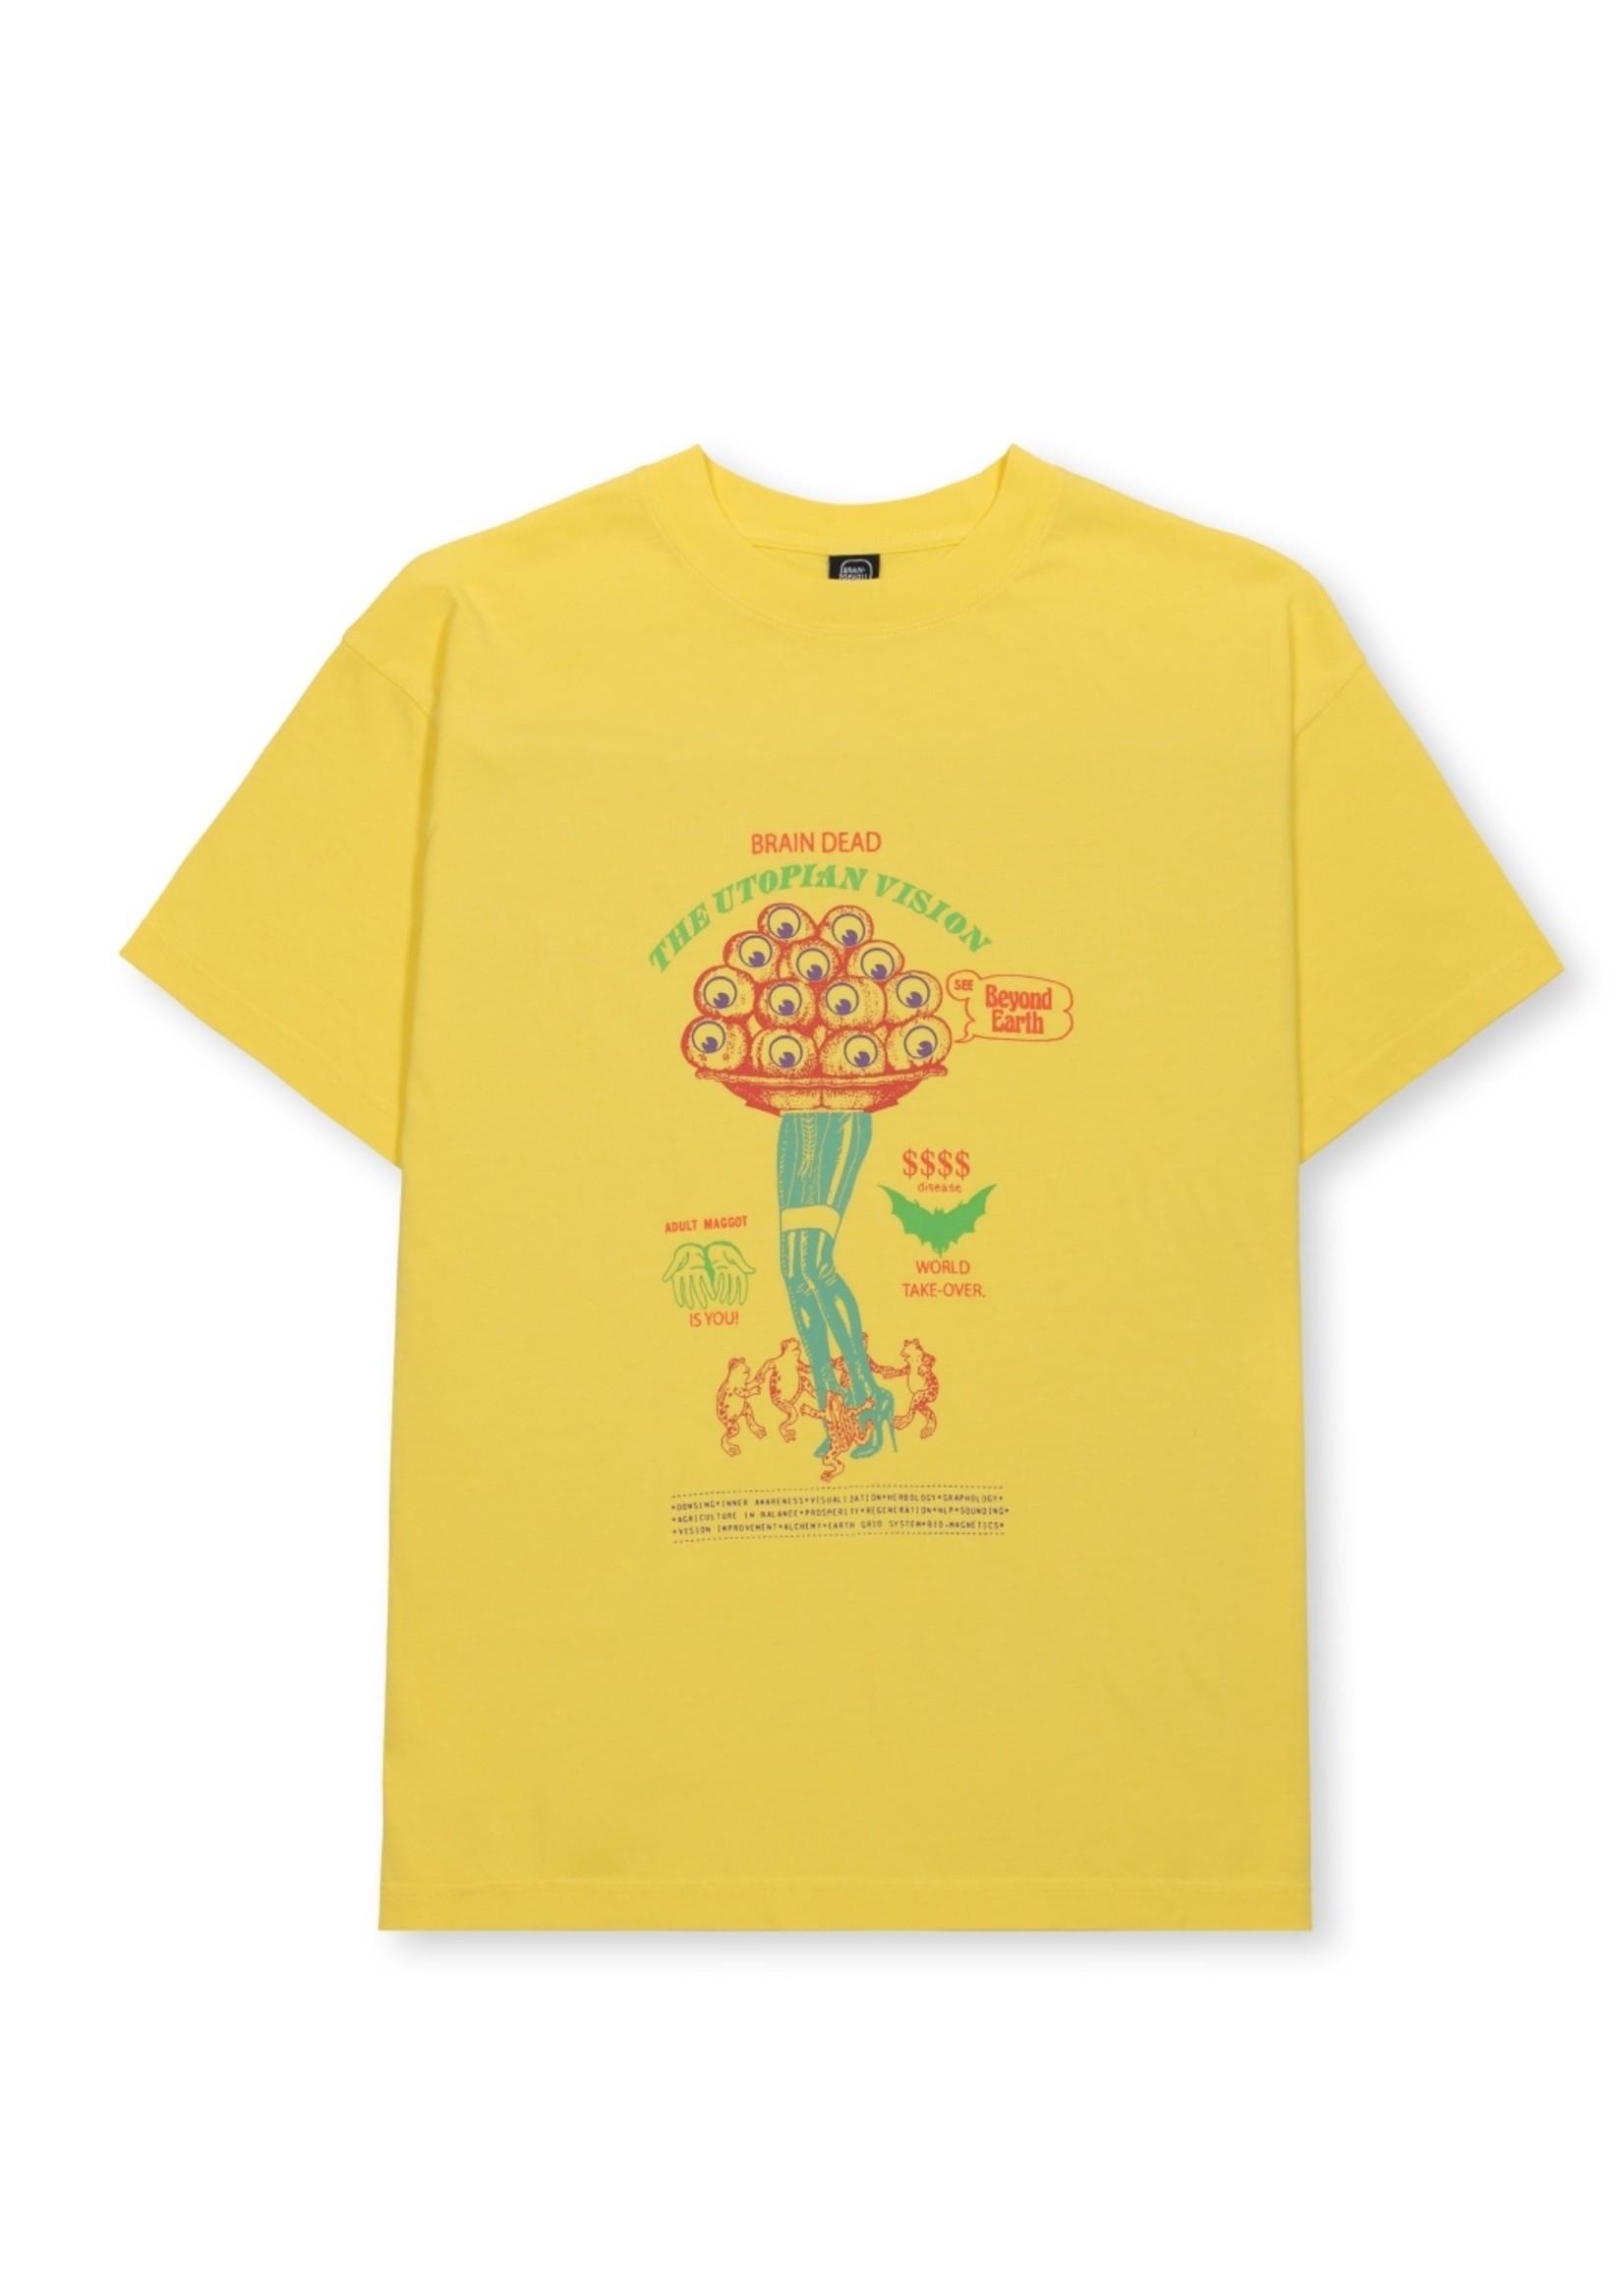 Brain Dead Beyond Earth T-shirt in Lemon